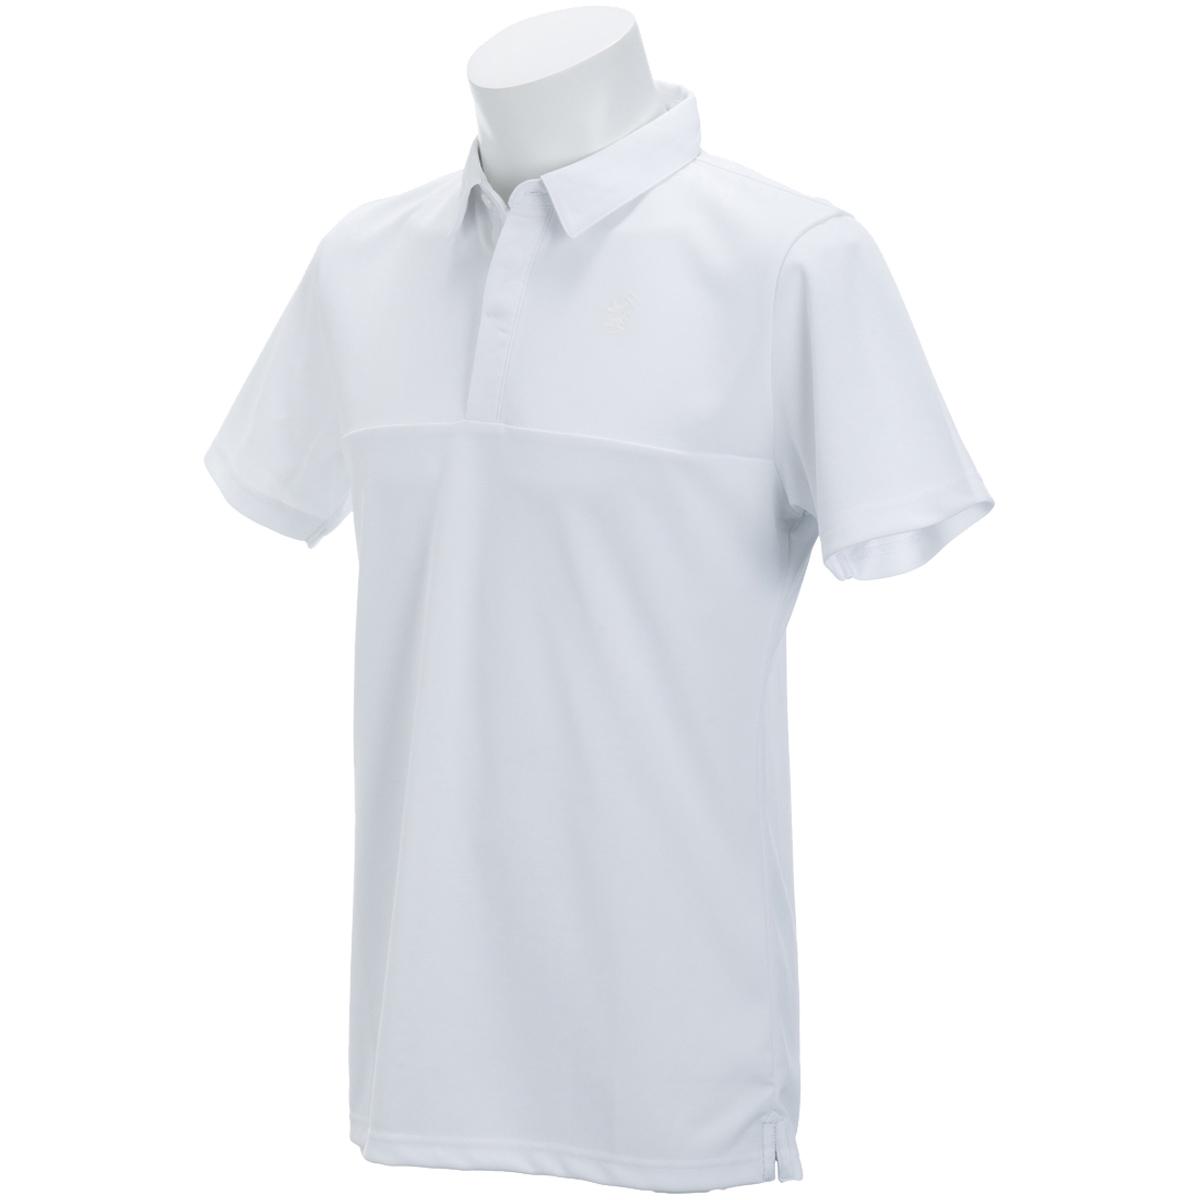 ミニマル 半袖ポロシャツ